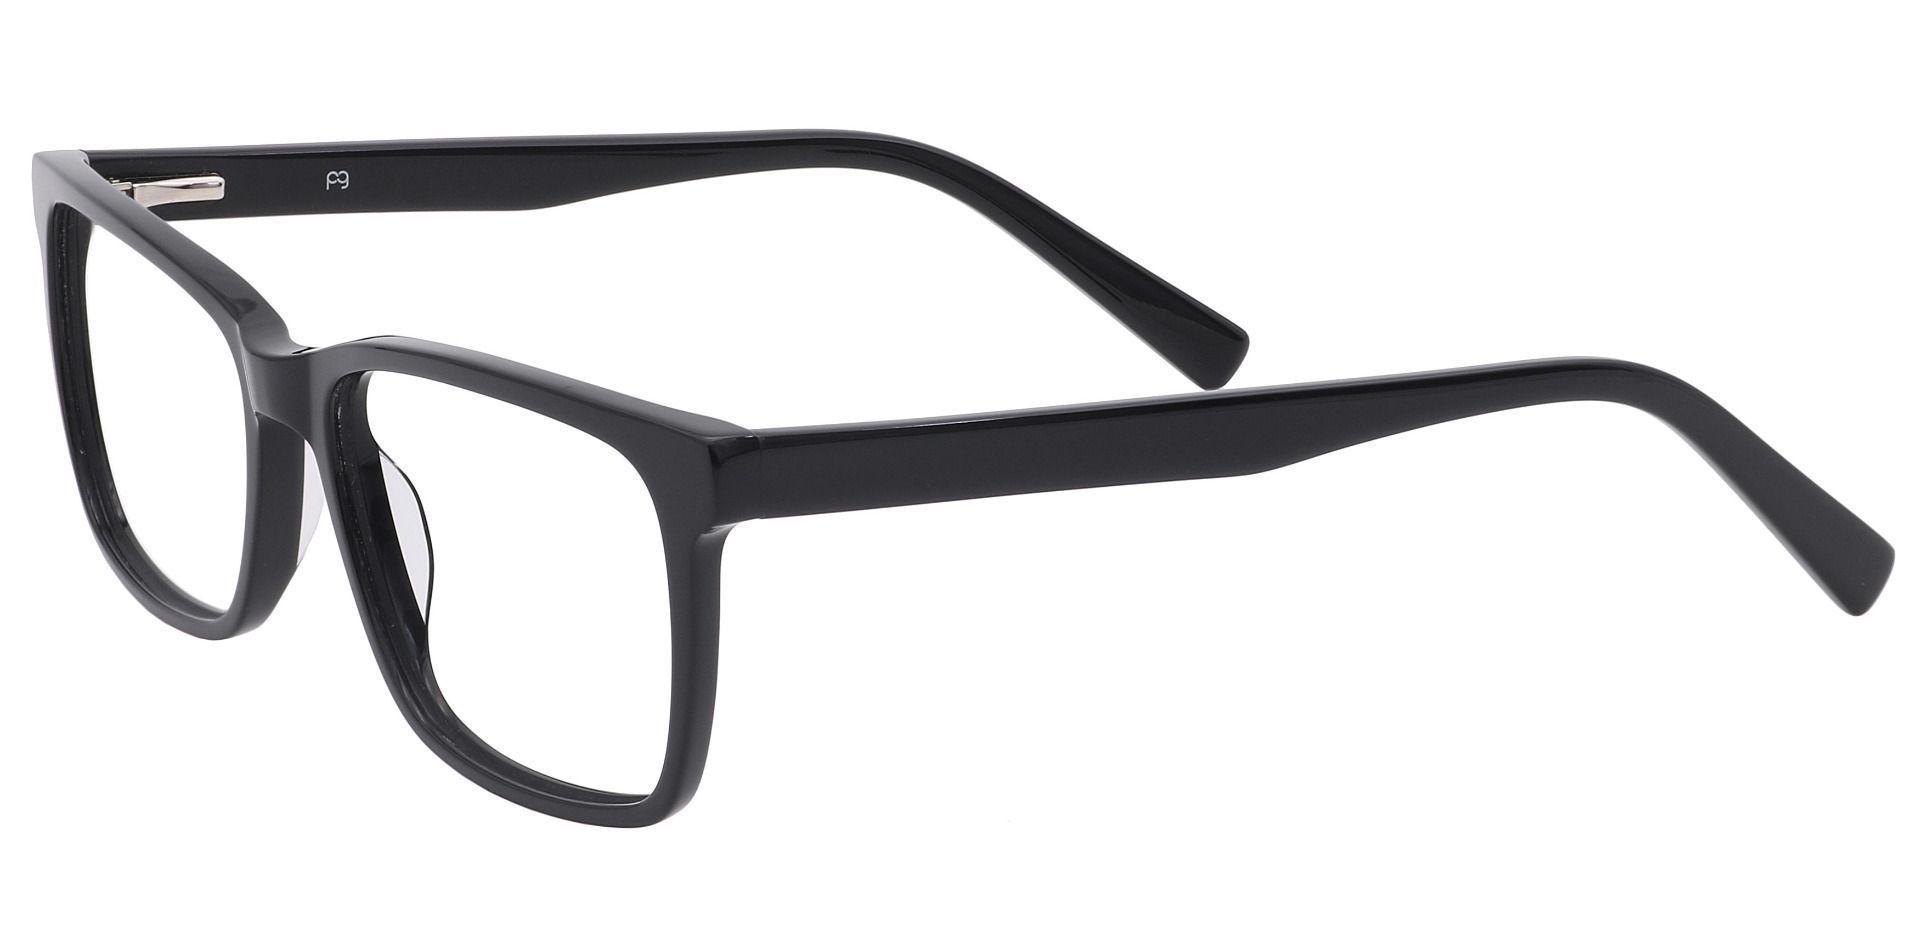 Galaxy Rectangle Prescription Glasses - Black